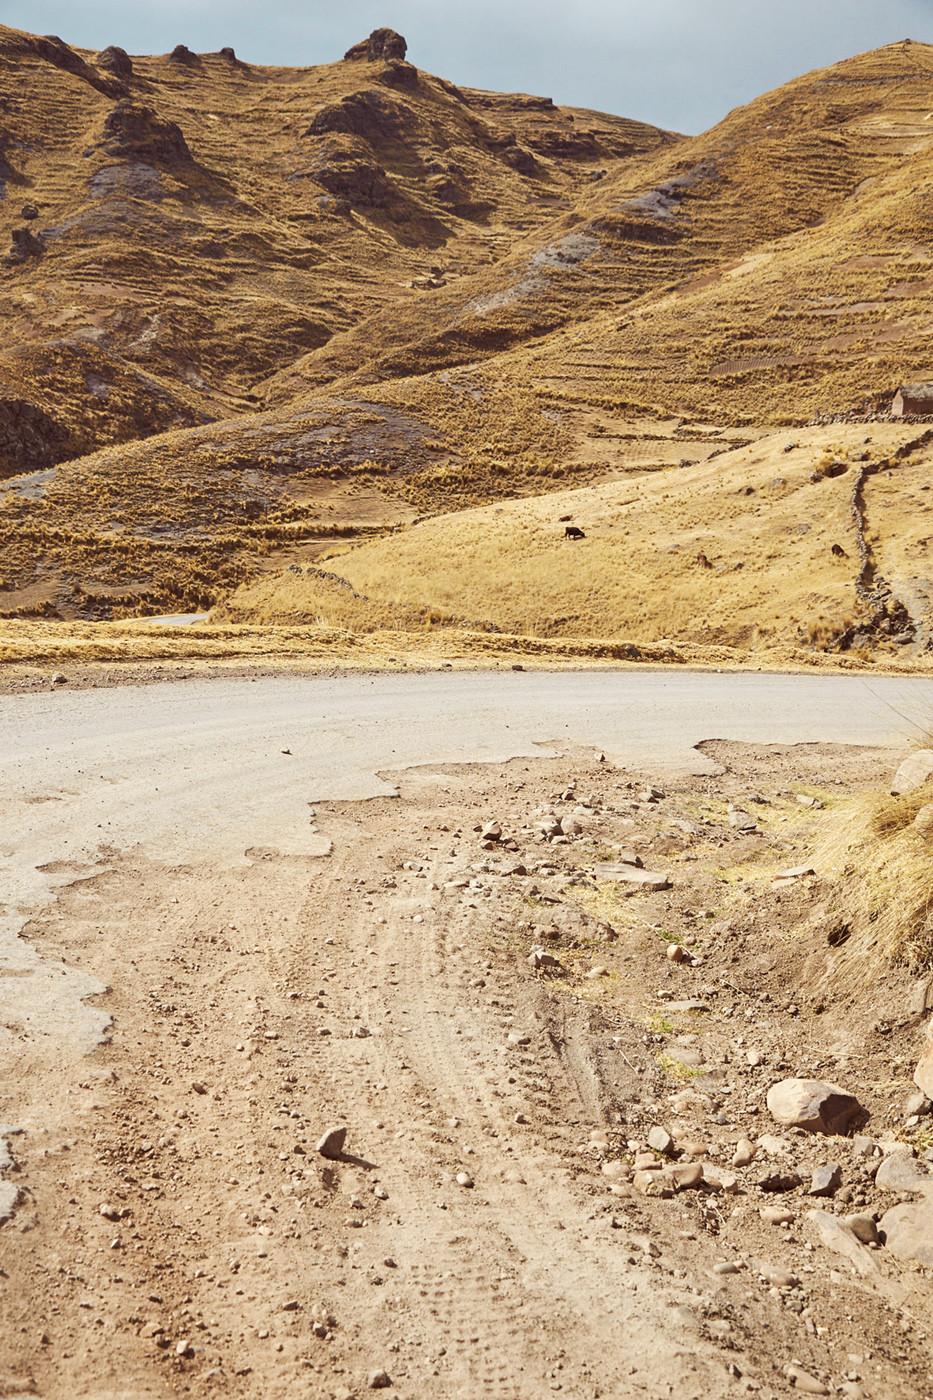 Kaputte Straßen, Schlaglöcher, Erdrutsche, Straßensperren. In Peru sollte man auf alles vorbereitet sein, obwohl sehr viel an Straßen und Infrastruktur gebaut wird